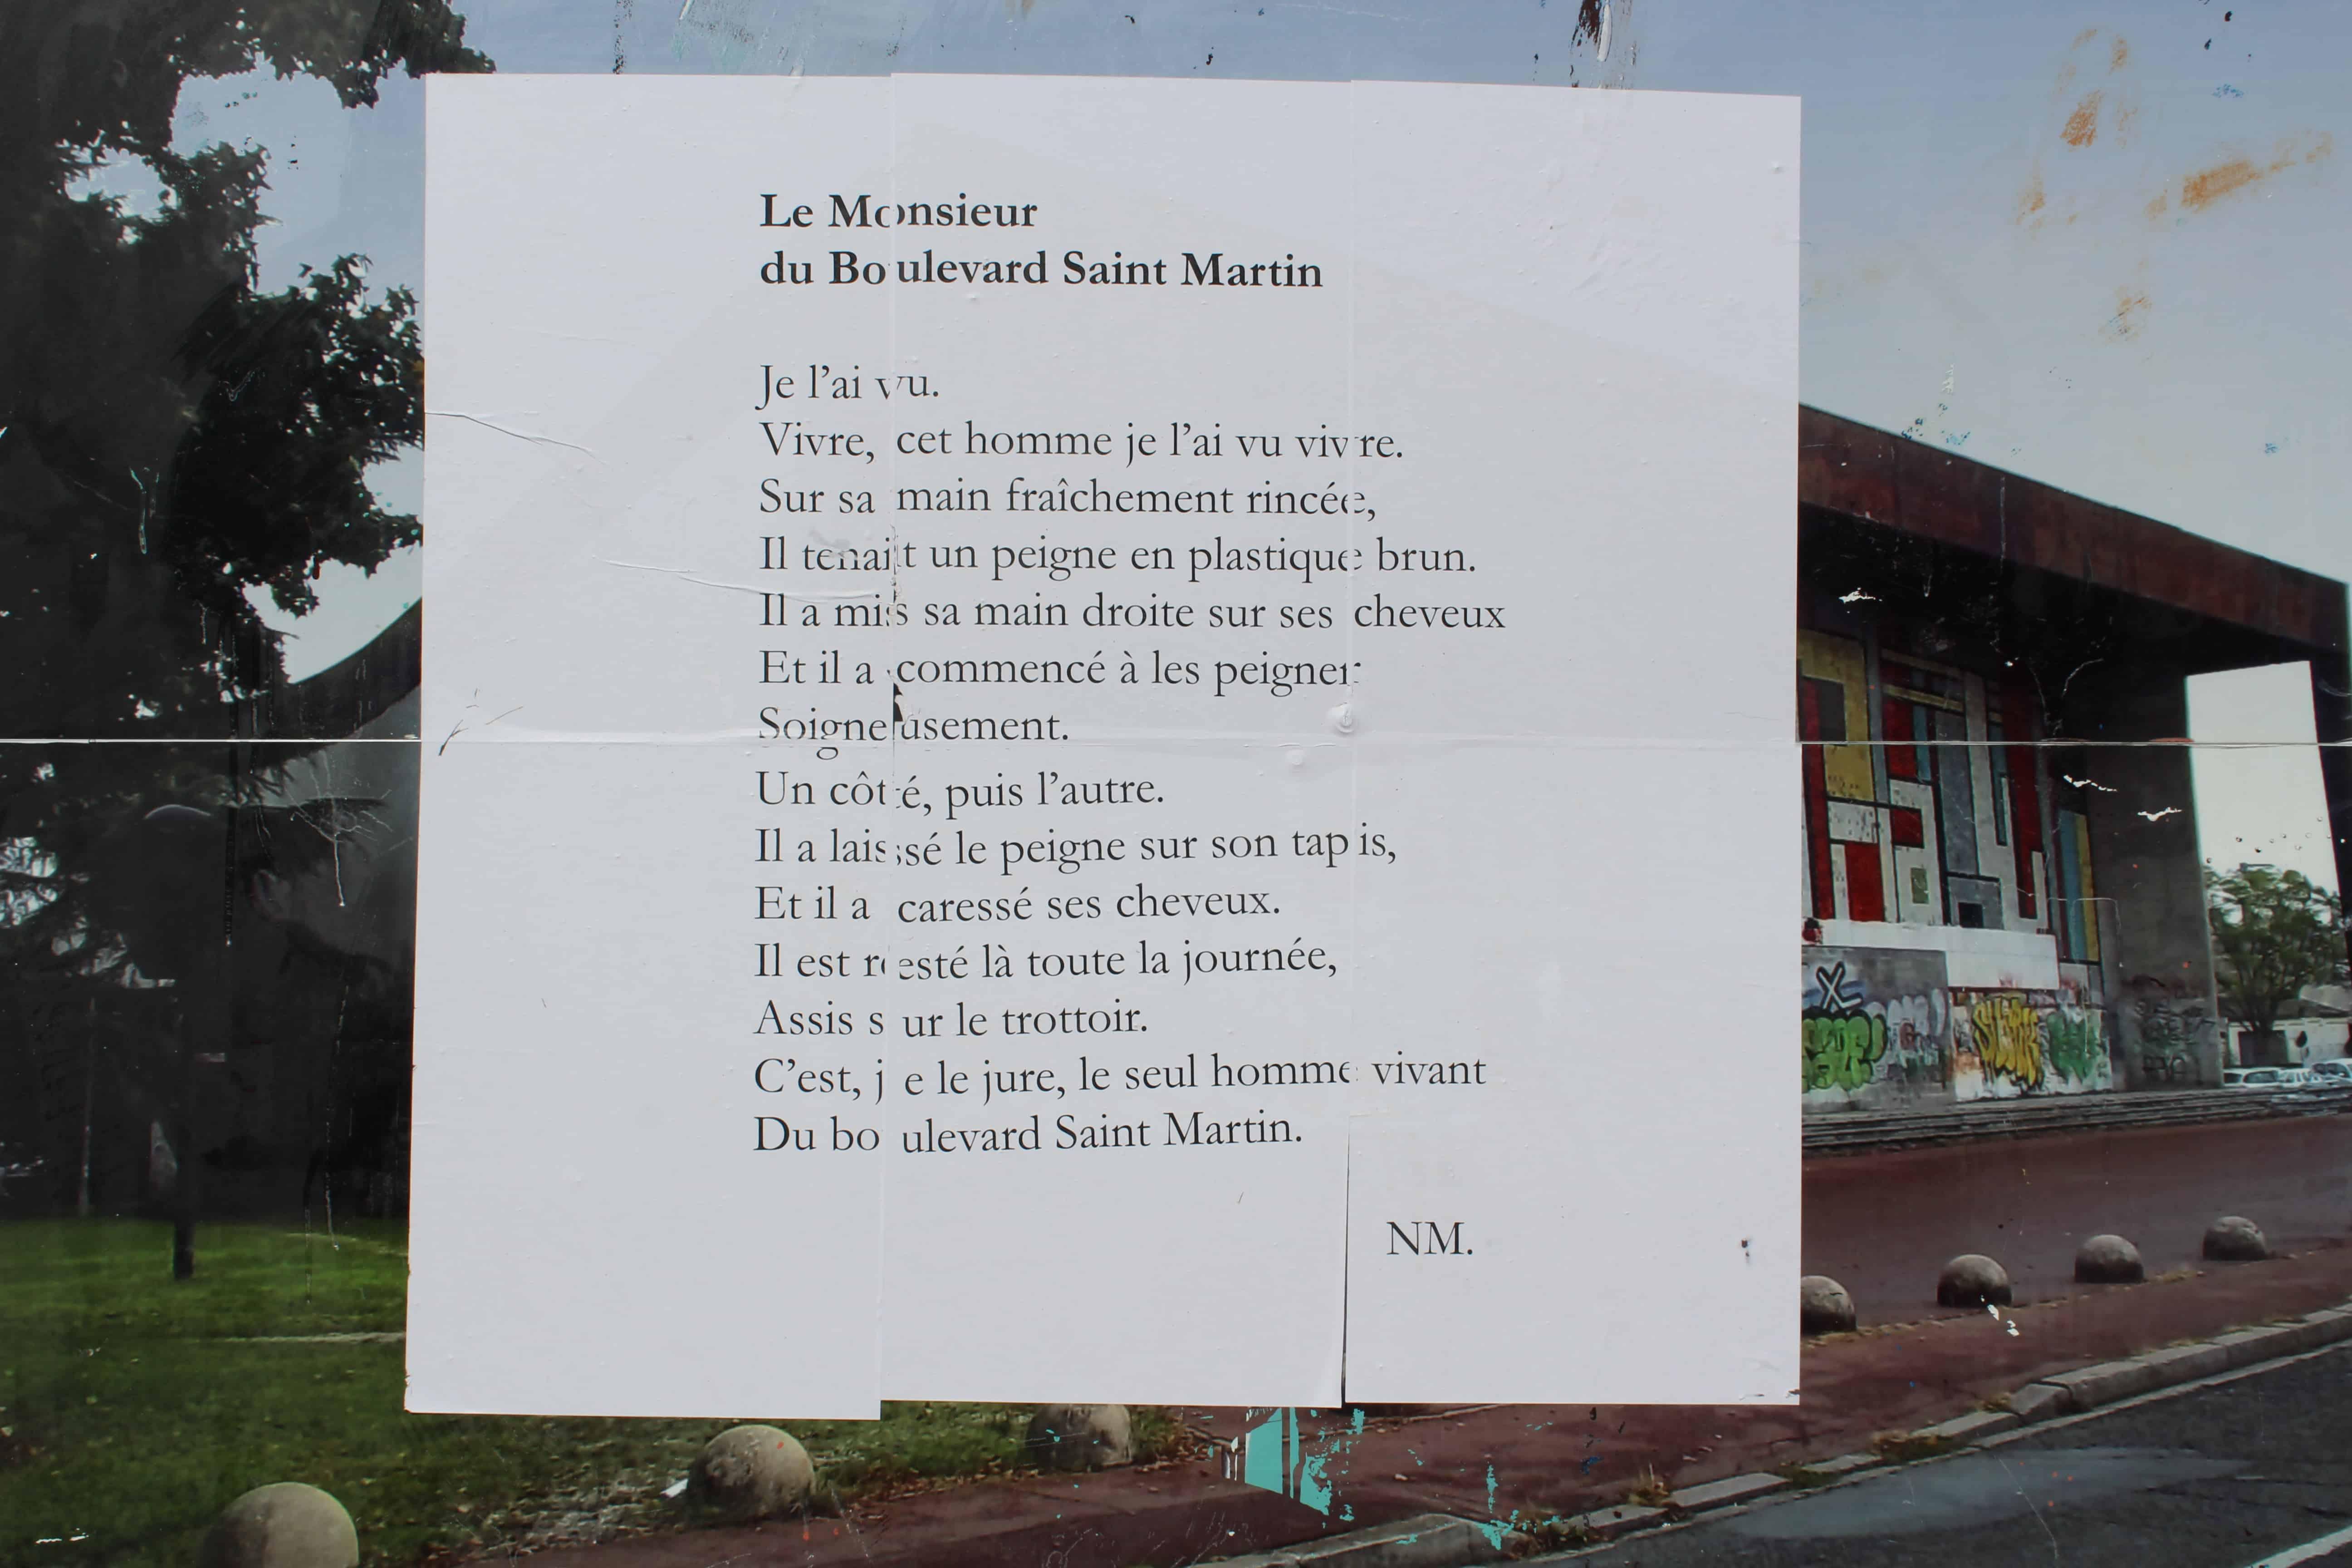 le monsieur du boulevard saint martin, poésie, bordeaux, nathalie man, le grand-parc